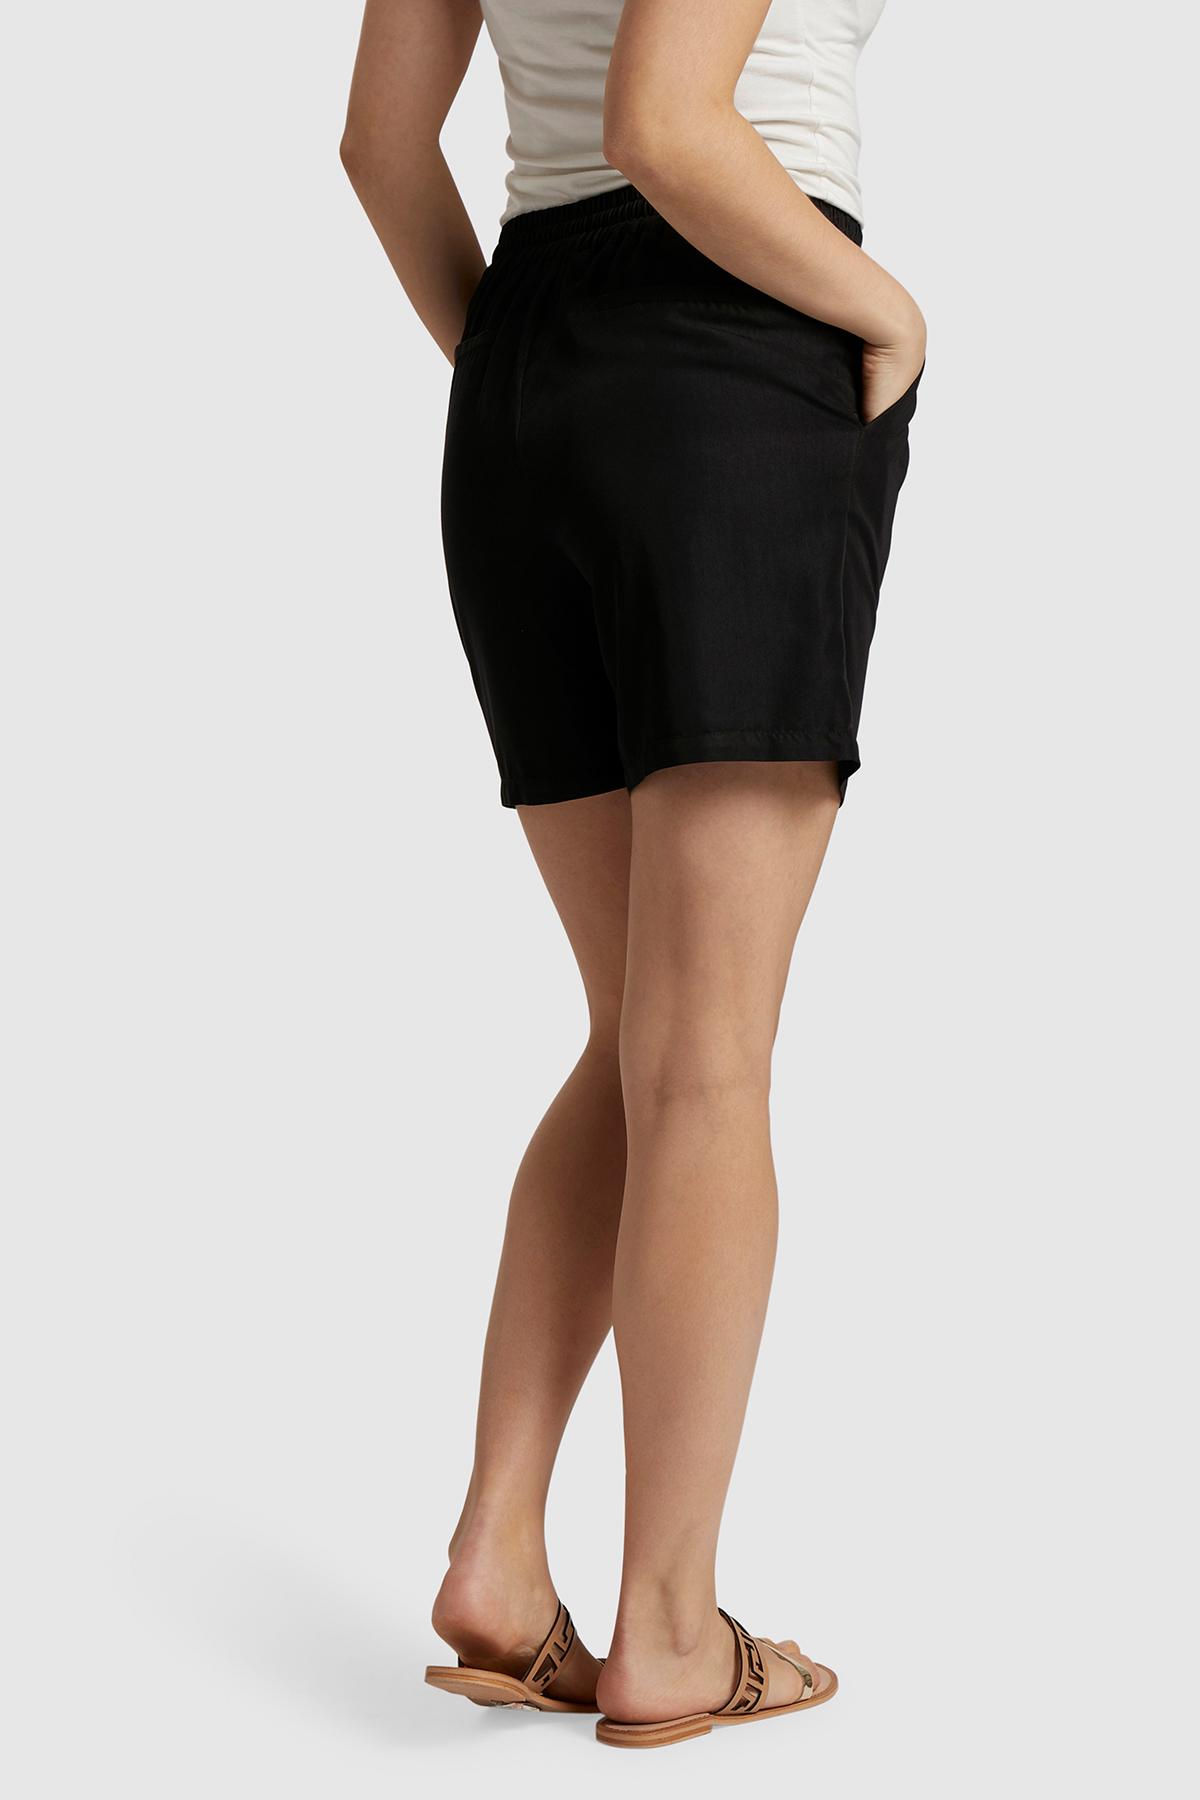 Schwarz Shorts von Bon'A Parte – Shoppen Sie Schwarz Shorts ab Gr. S-2XL hier